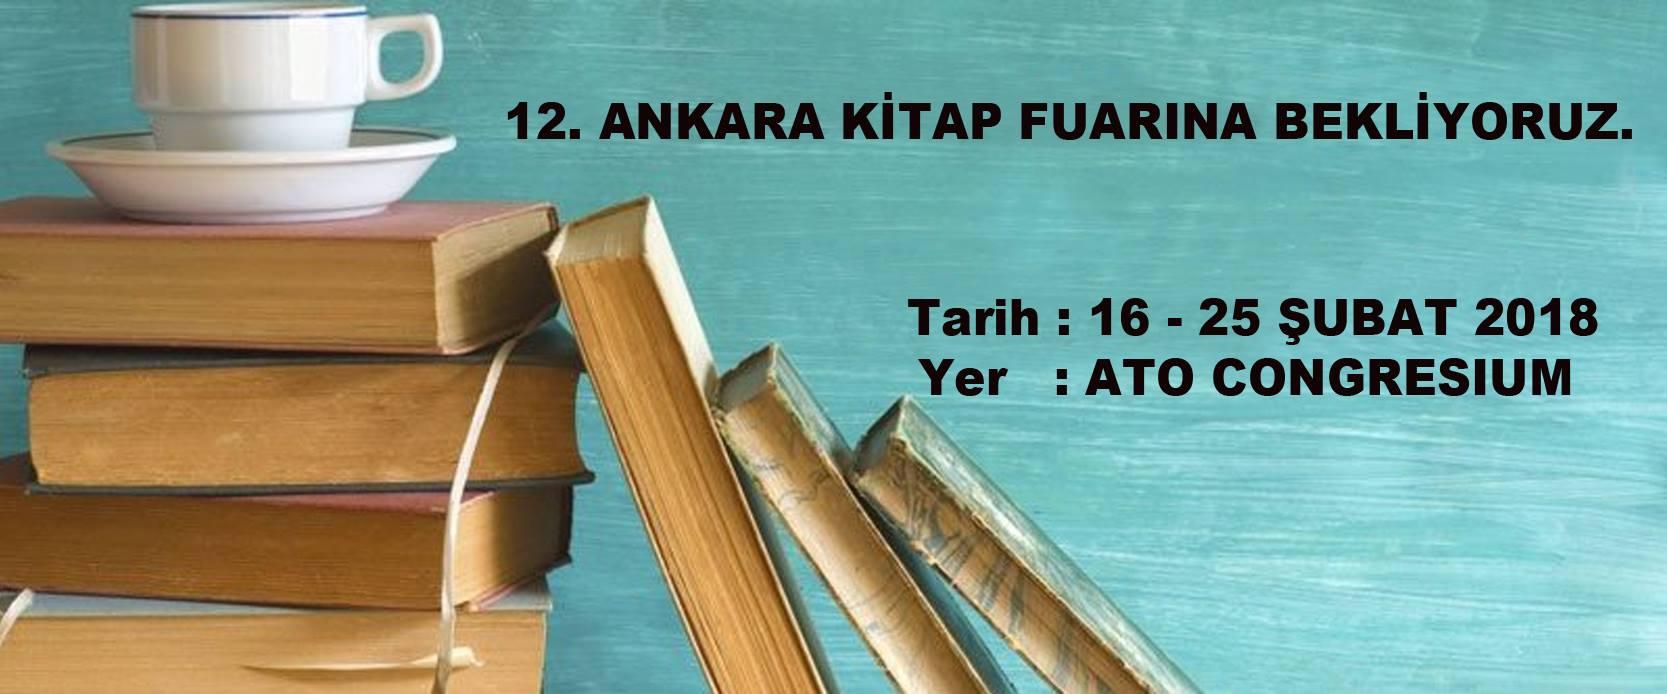 12. Ankara Kitap Fuarına Bekliyoruz.